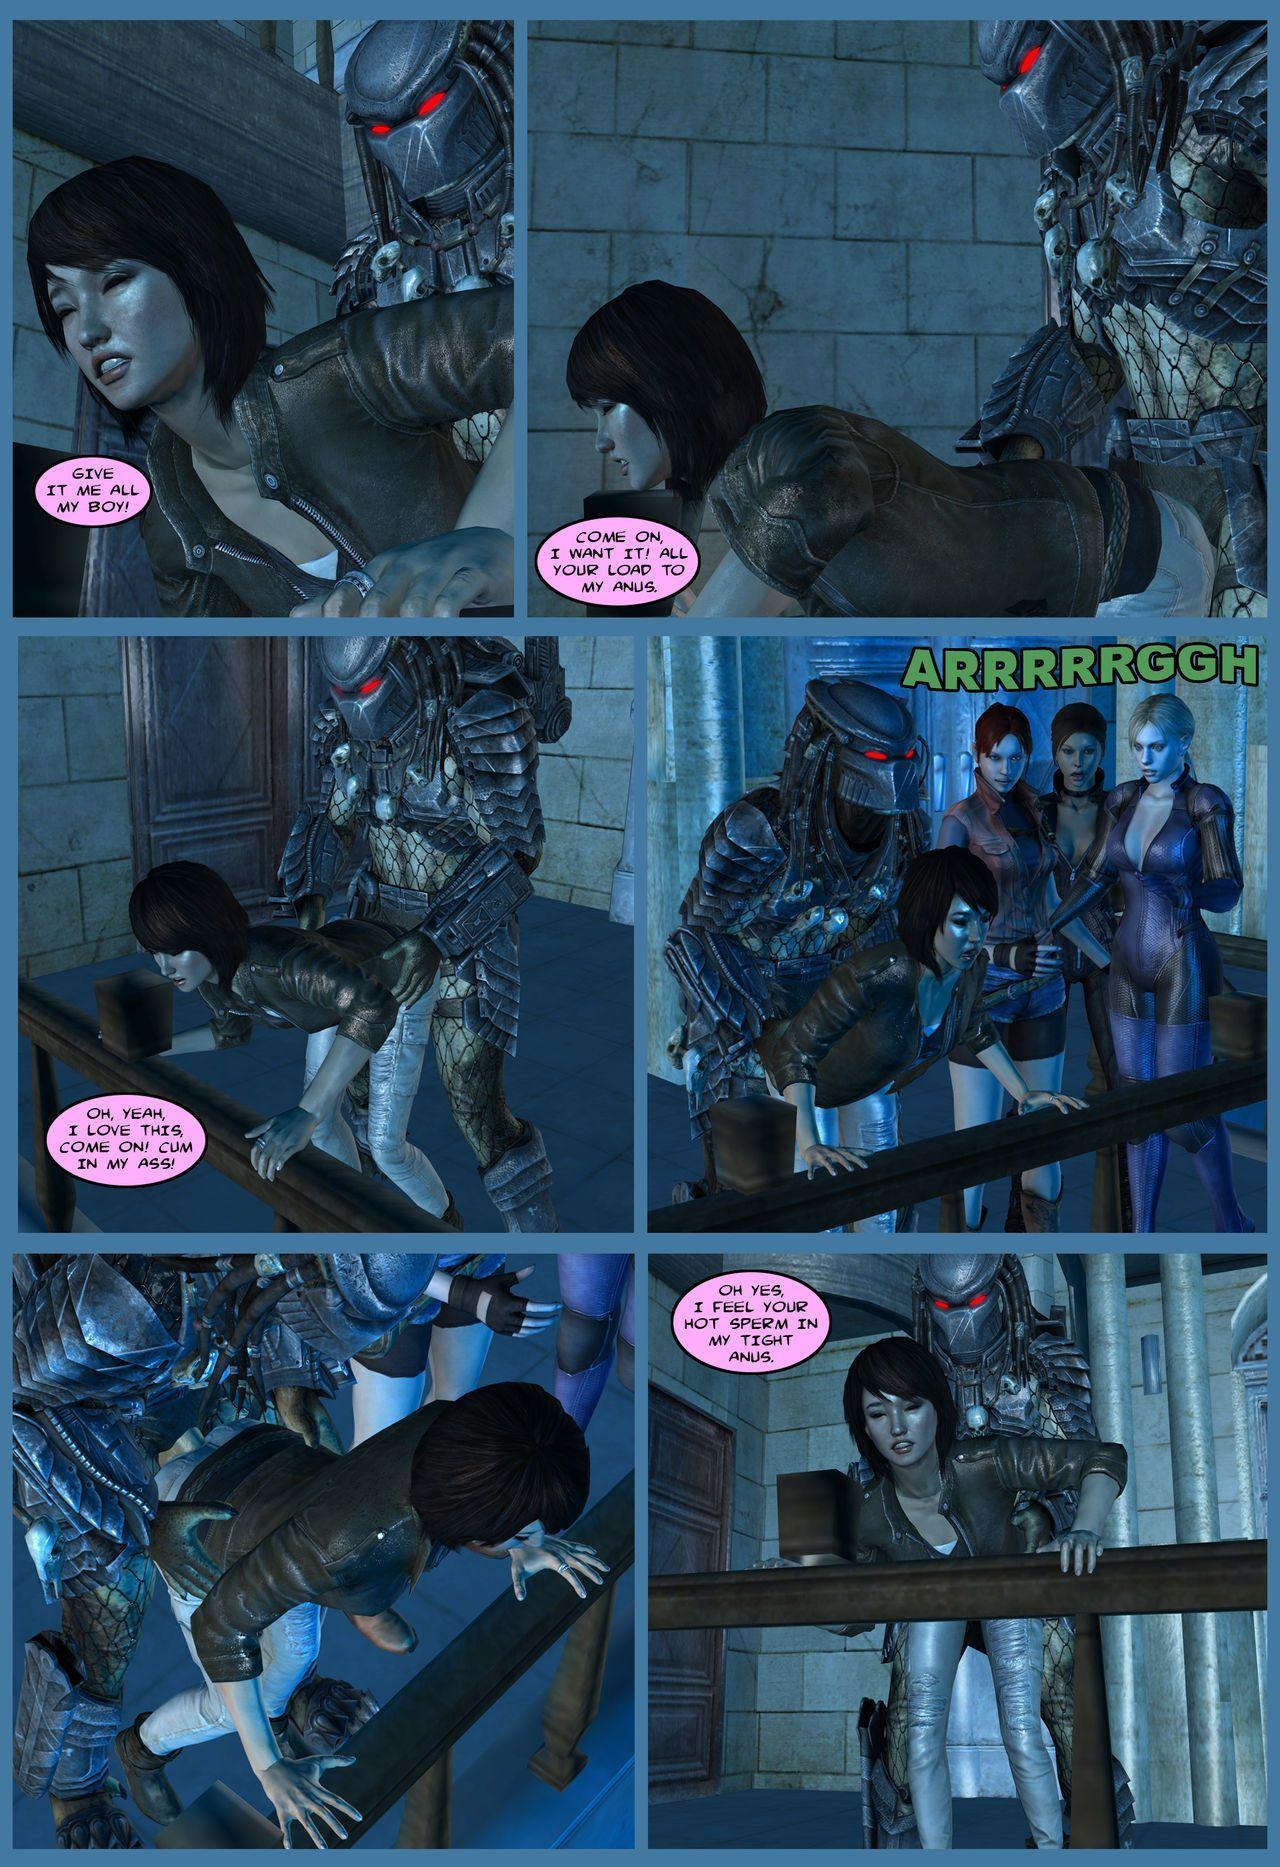 Lady & Cop VS Penetrator 4 (Chapter 1-2) - part 3